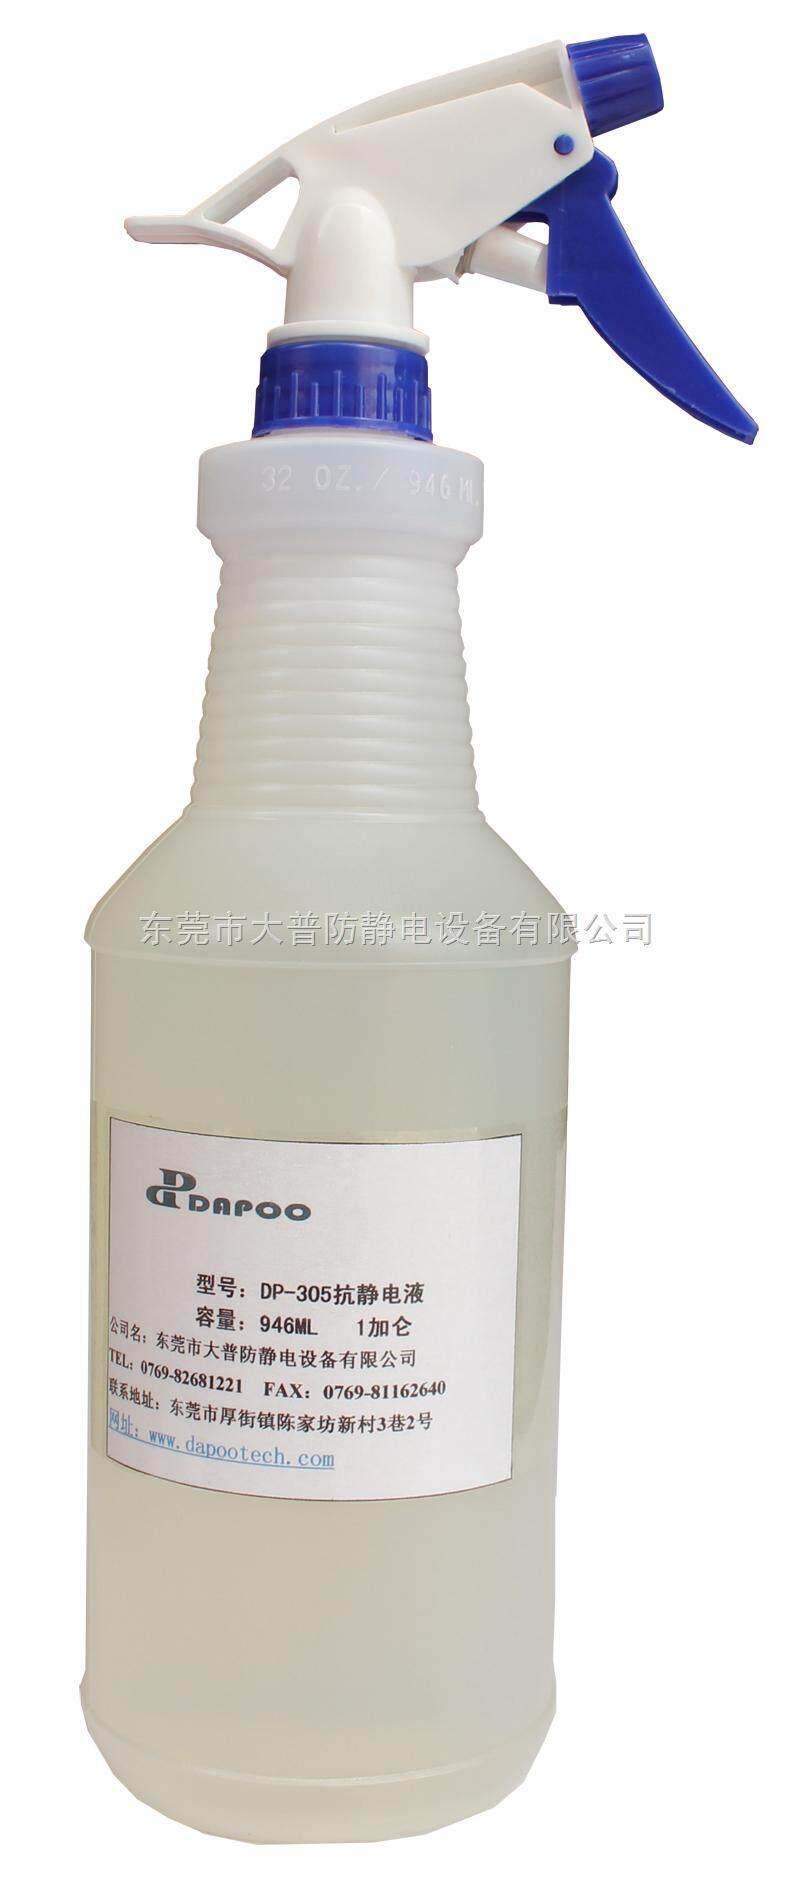 厂家直销防静电液,抗静电液,消除静电液/吸塑专用静电剂